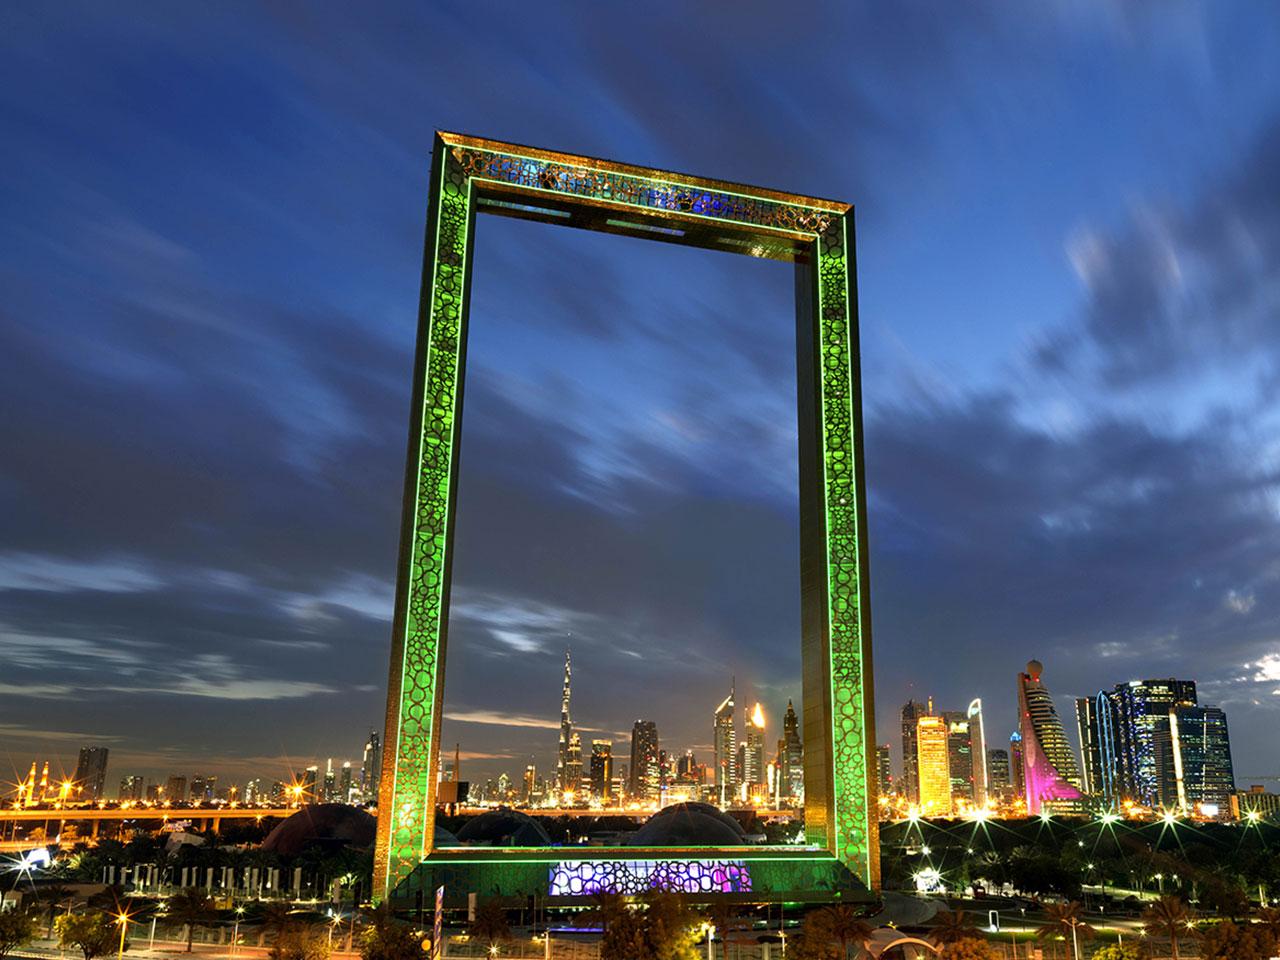 Dubai Frame Gallery 4 - Adventure Trip Tourism